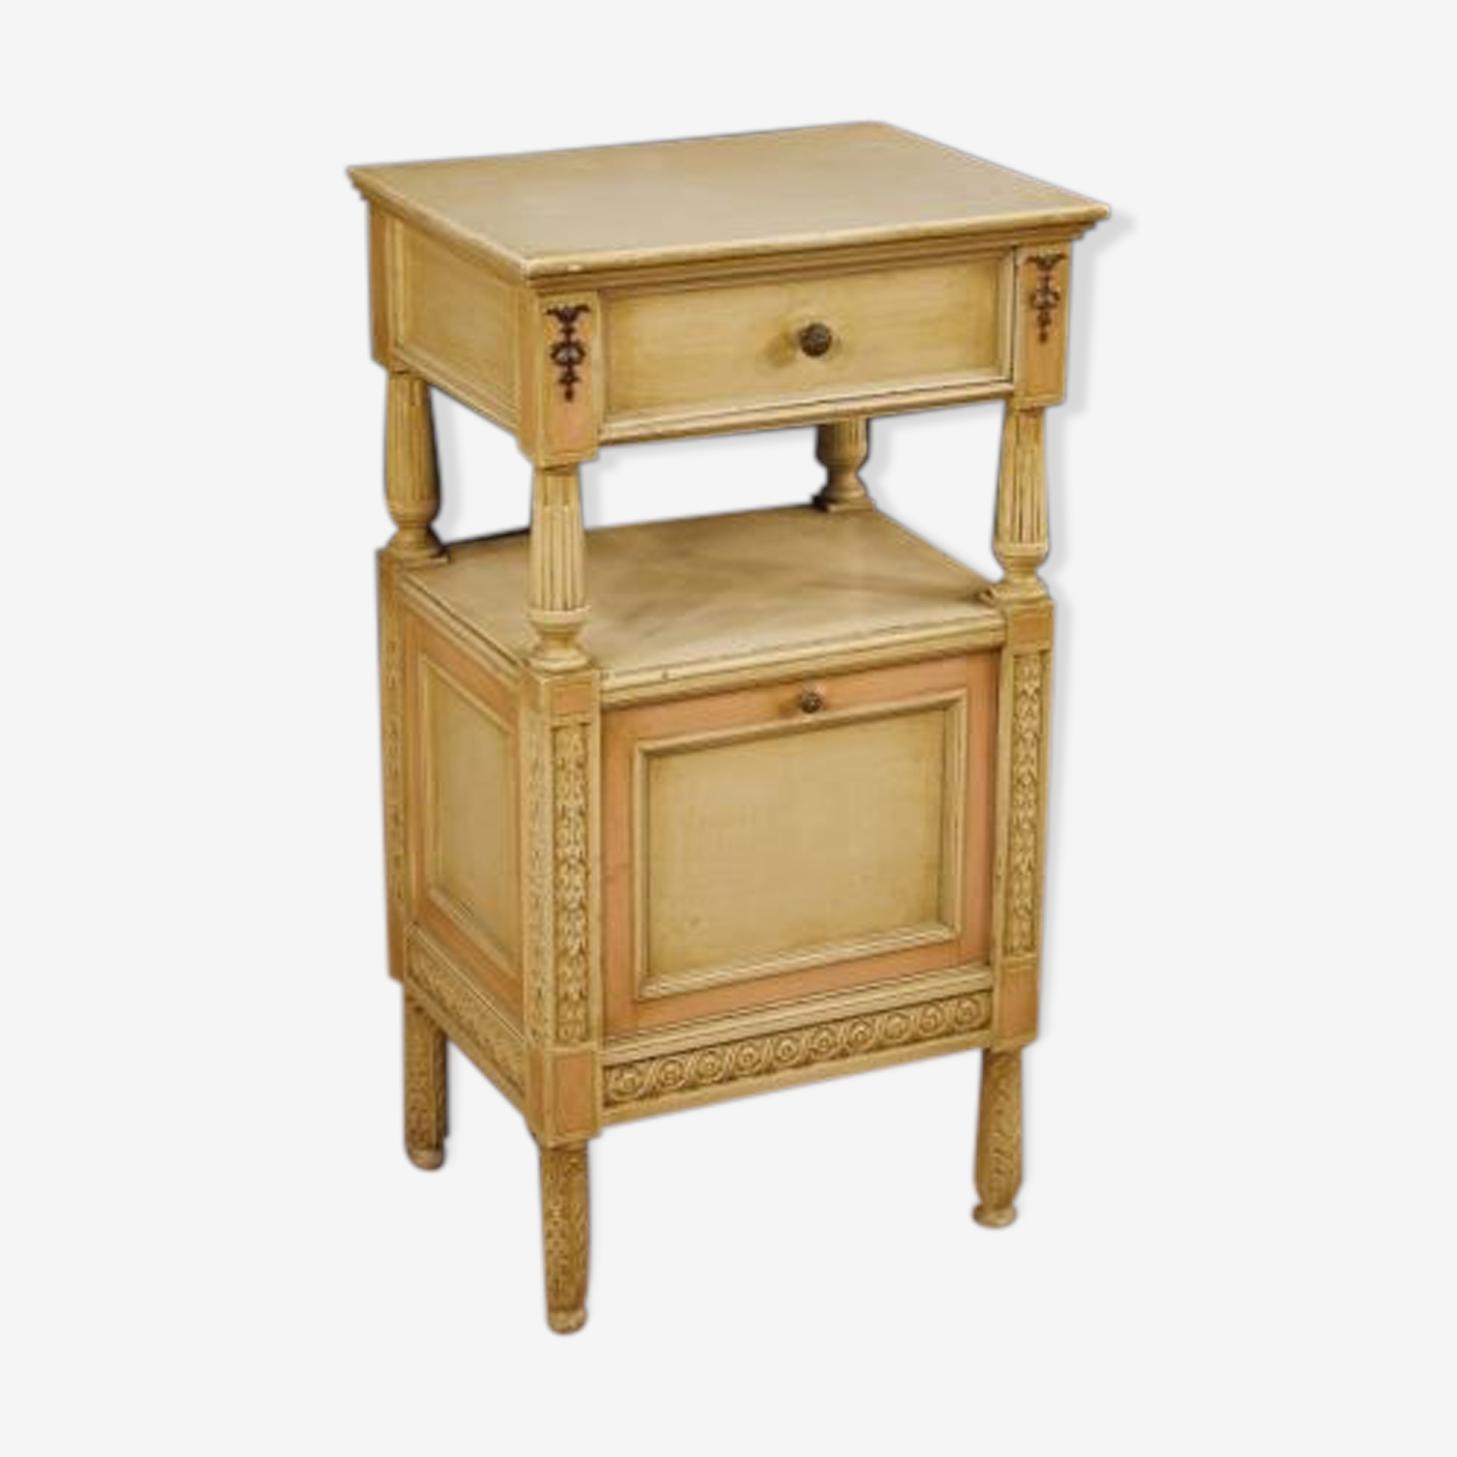 Table de chevet italienne en bois laqué et peint